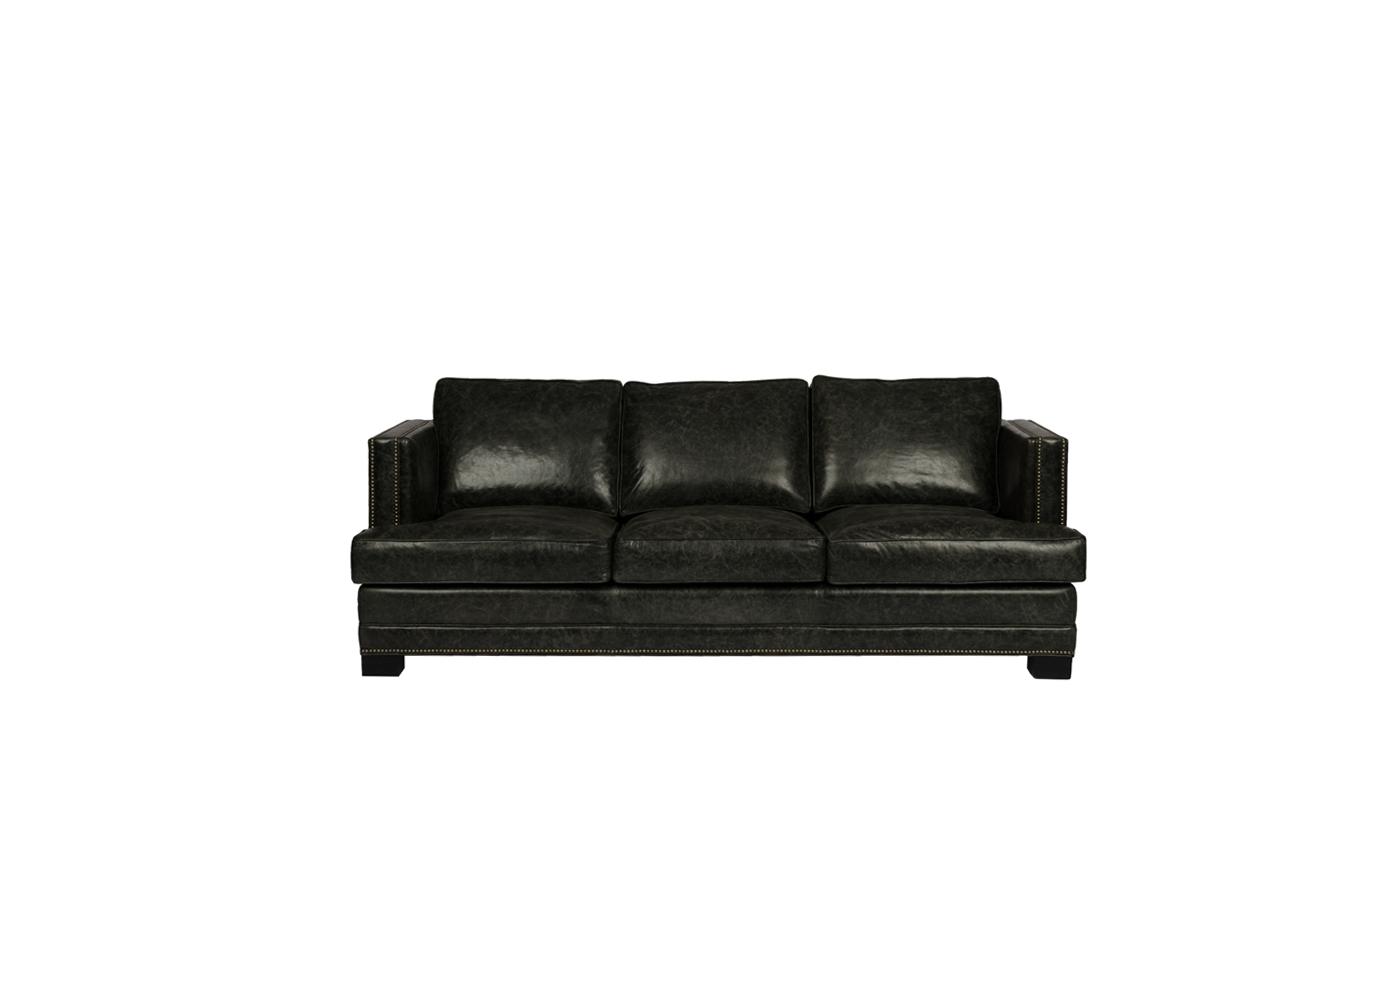 polanco furniture store ottawa interior decor solutions polanco furniture store ottawa interior decor solutions